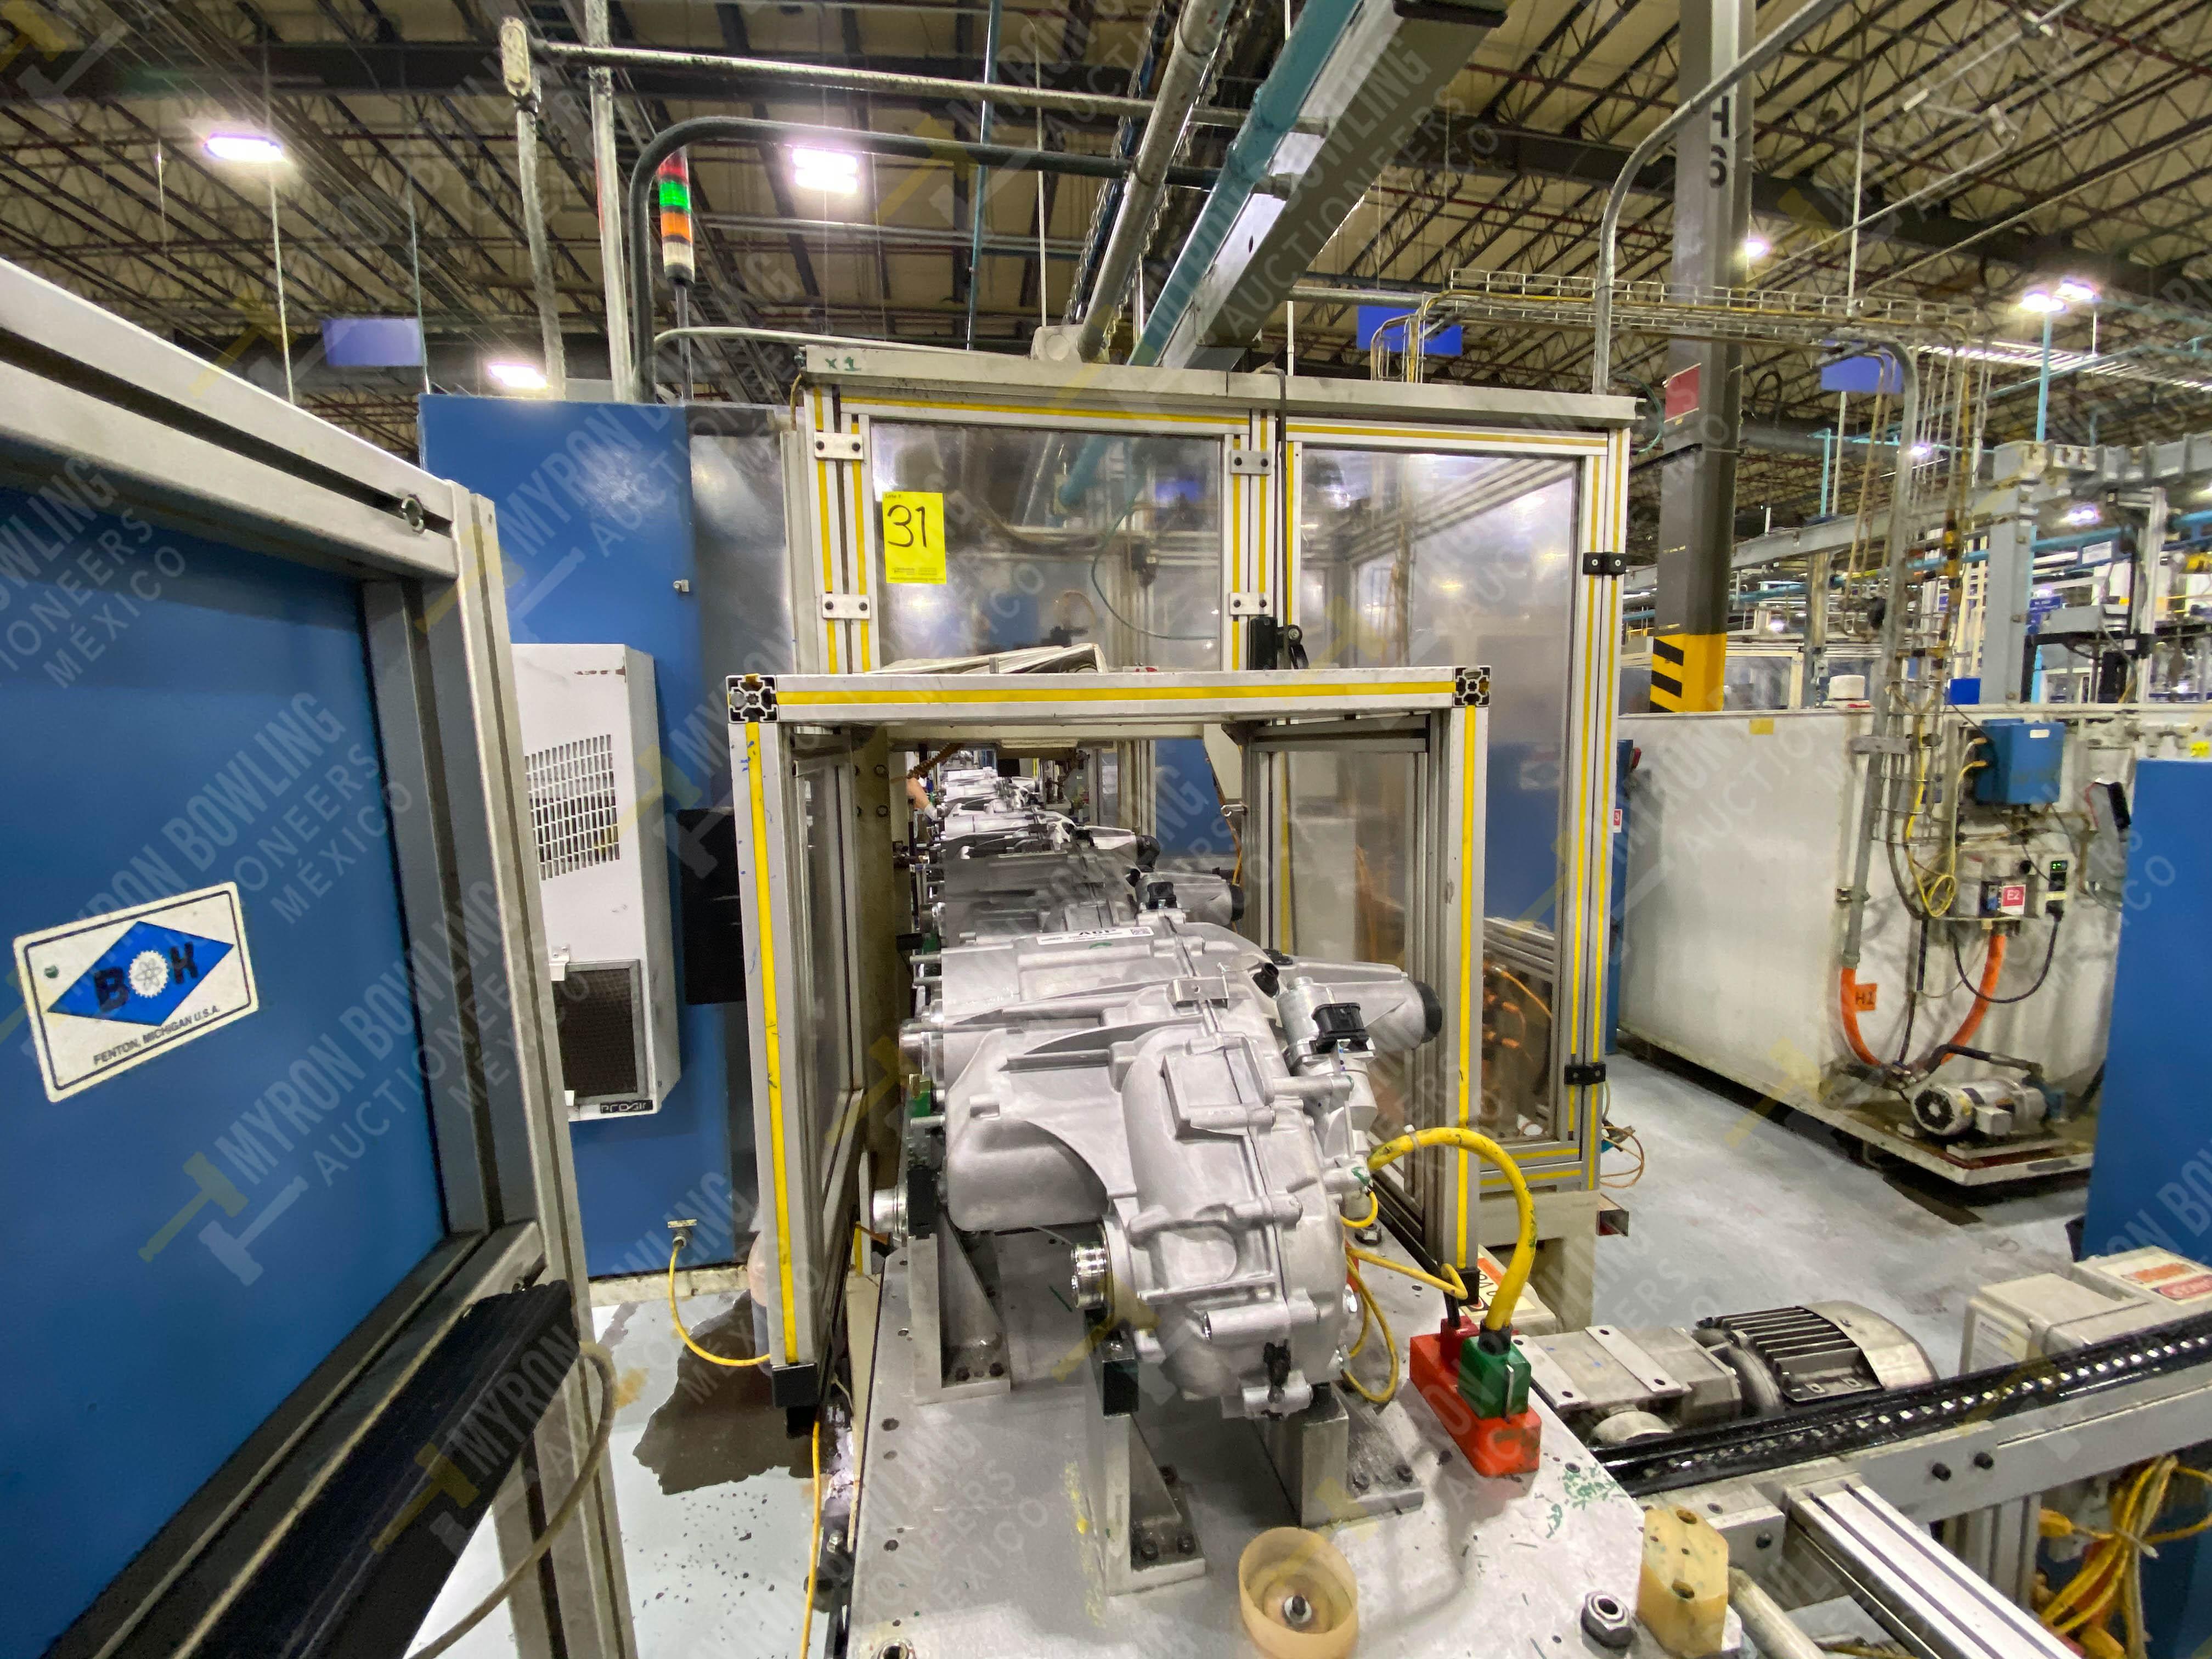 Estación semiautomática para operación 416, contiene: Sistema de llenado de aceite - Image 7 of 20